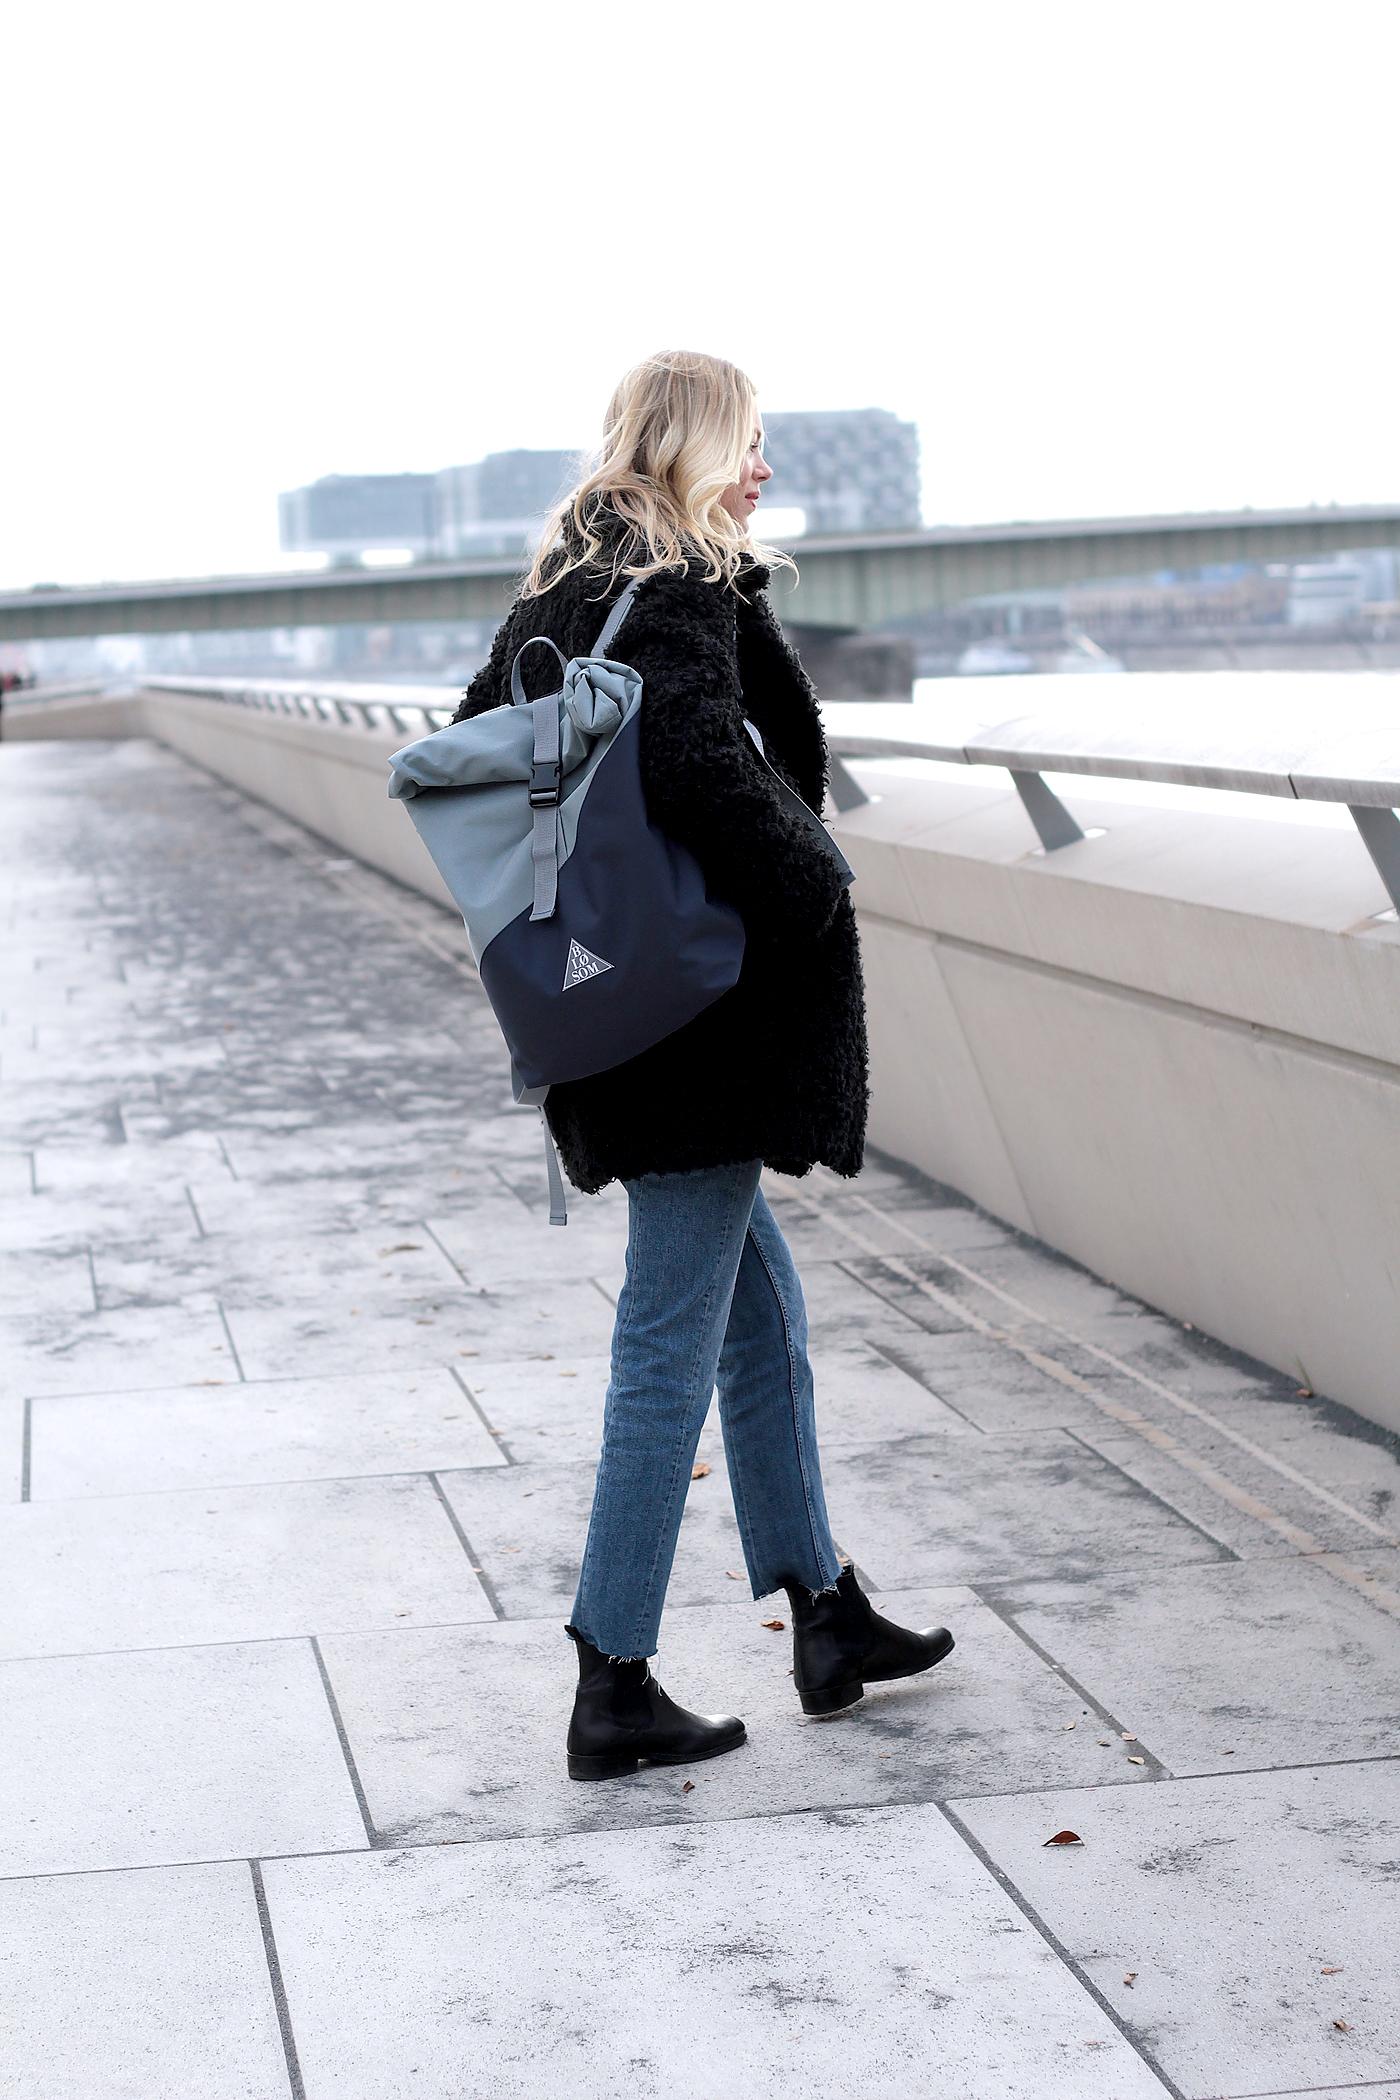 blosom_rucksack_reiseblog_somehappyshoes_cologne